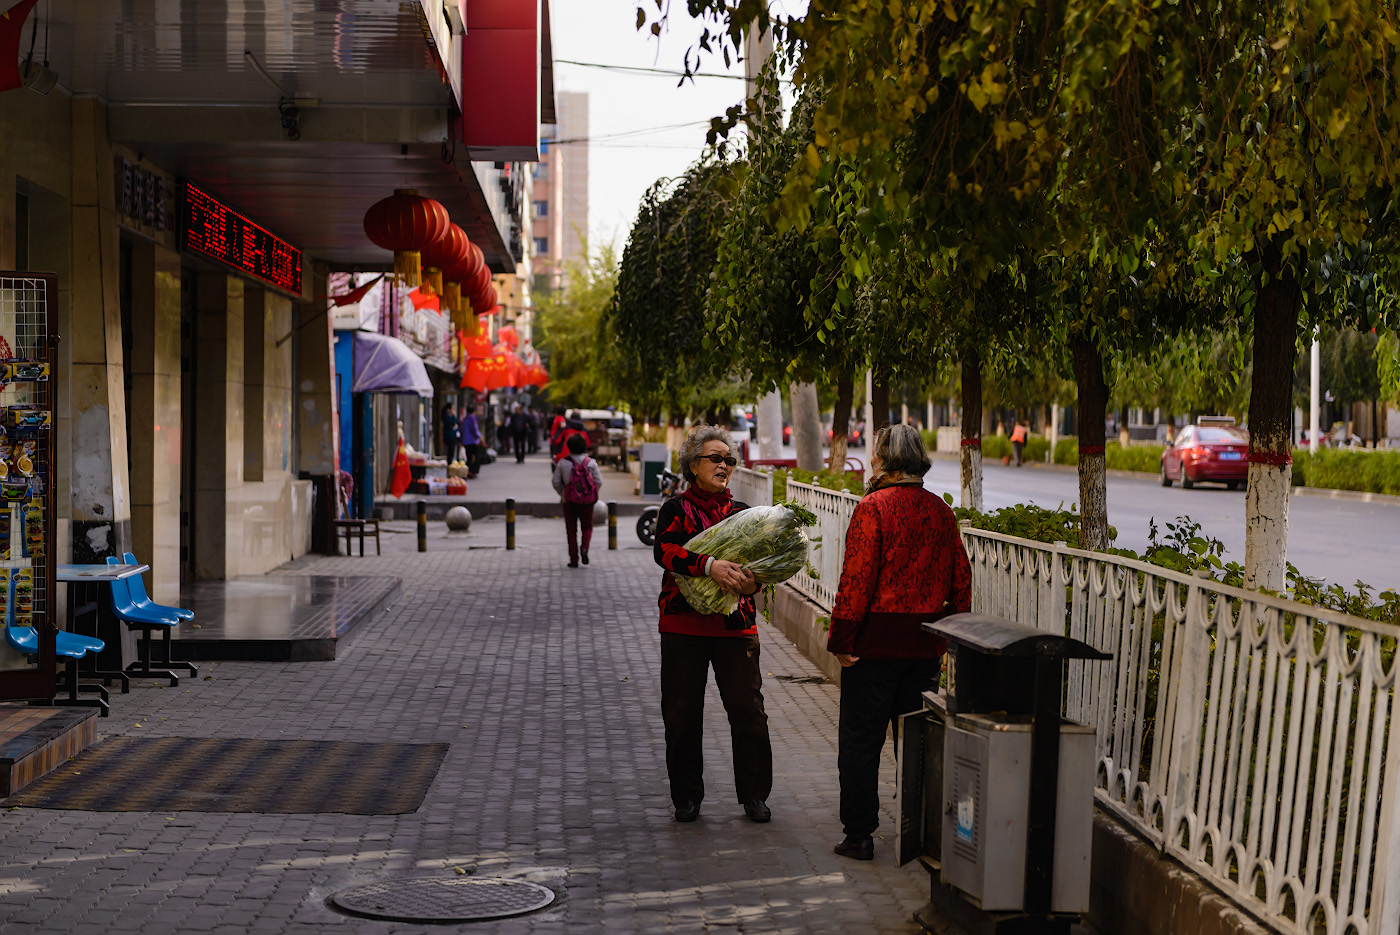 Фото 19. На улицах Урумчи. Отзывы туристов о поездке в Китай самостоятельно. 1/400, -1.0, 2.8, 100, 70.